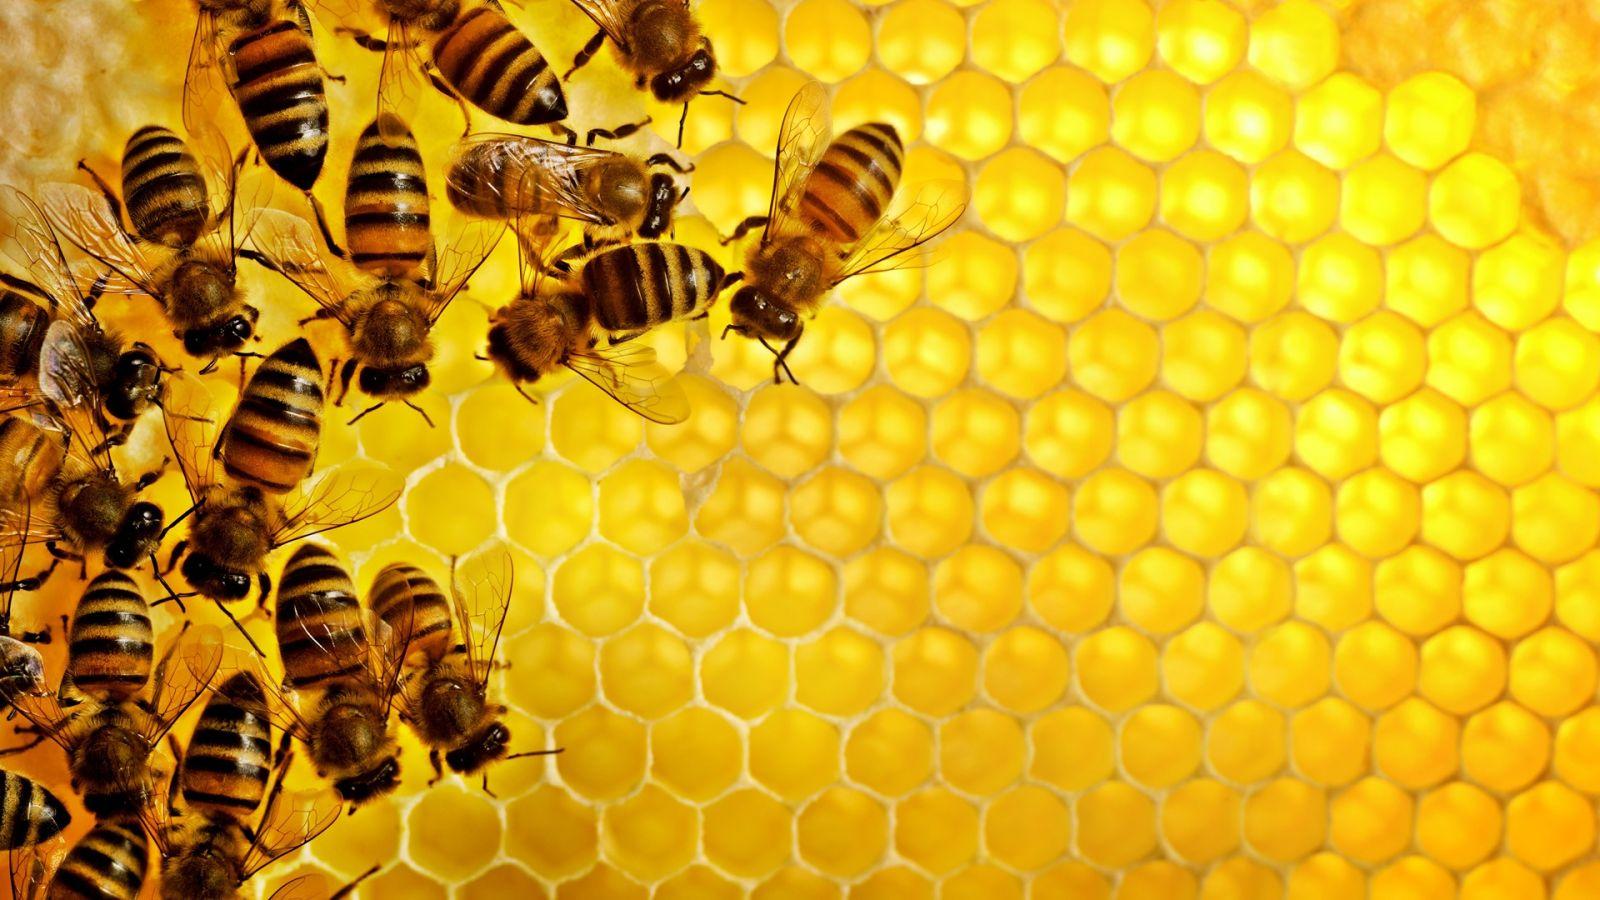 Sáp ong, phương pháp làm mờ lông chân tay đơn giản, dễ làm